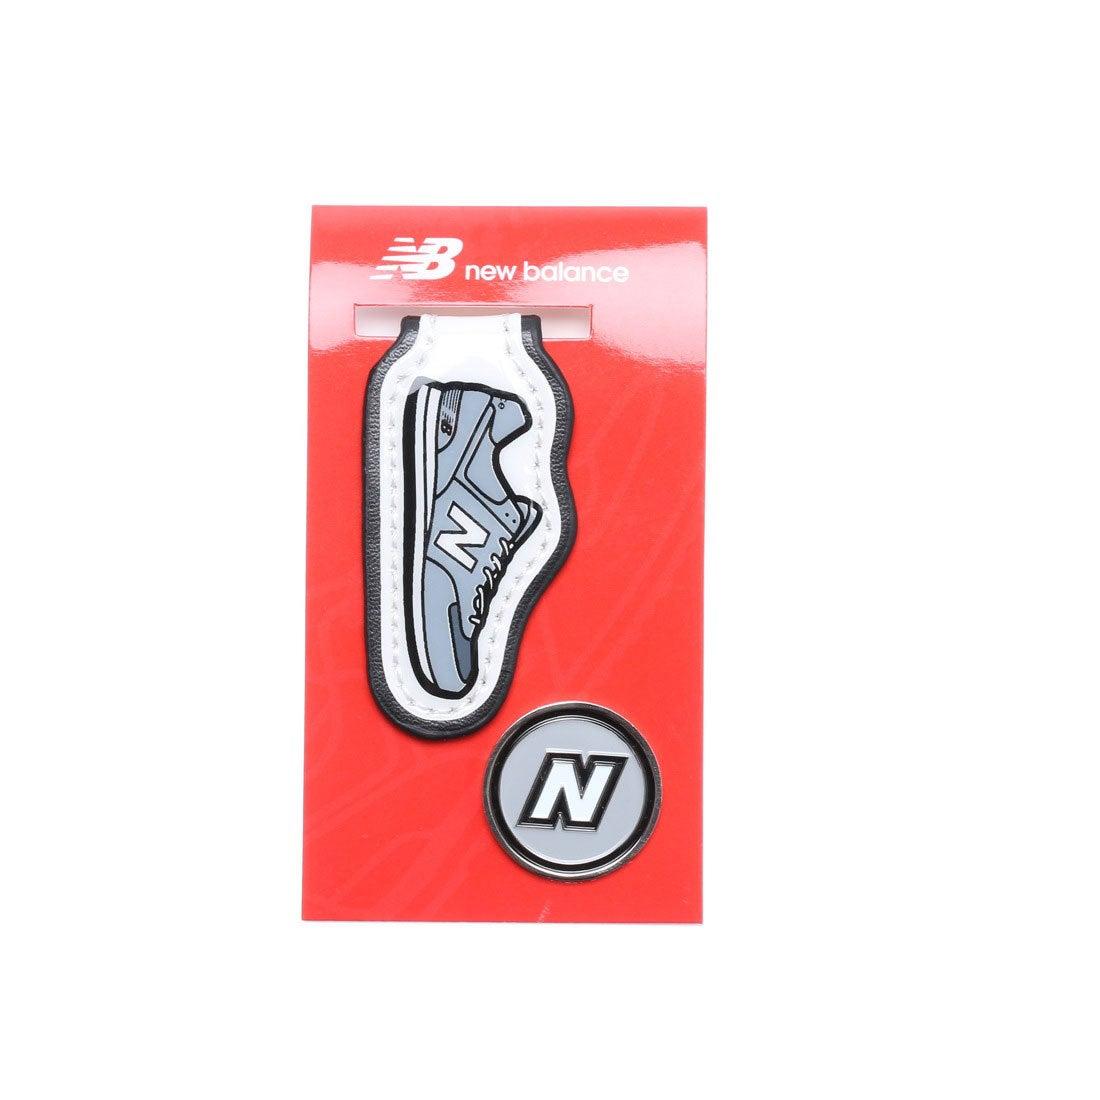 ニューバランス new balance メンズ ゴルフ マーカー ポケット用シューズモチーフクリップマーカー 7284008